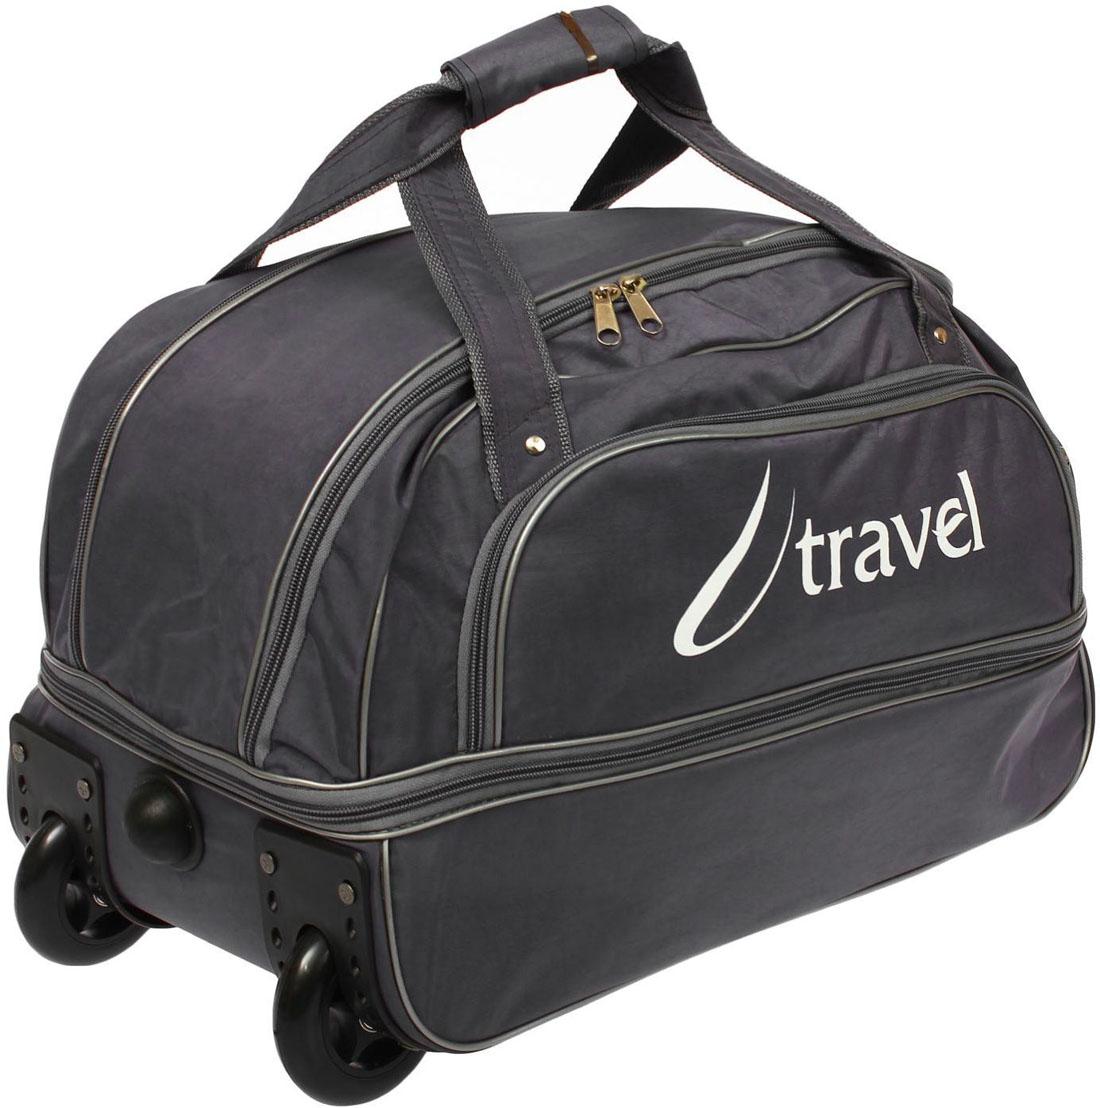 Сумка дорожная AMeN, цвет: черный. 1696035Костюм Охотник-Штурм: куртка, брюкиПрочная дорожная сумка прекрасно подойдёт как в путешествии, так и в деловых поездках. Она позволяет взять с собой всё необходимое: от нижнего белья до брюк, юбок и пиджаковМодель оснащена широкими ручками и съёмным длинным ремнём для комфортной переноски. Дорожный аксессуар прослужит много лет, так как изготовлен из прочного текстиля, устойчивого к выцветанию.